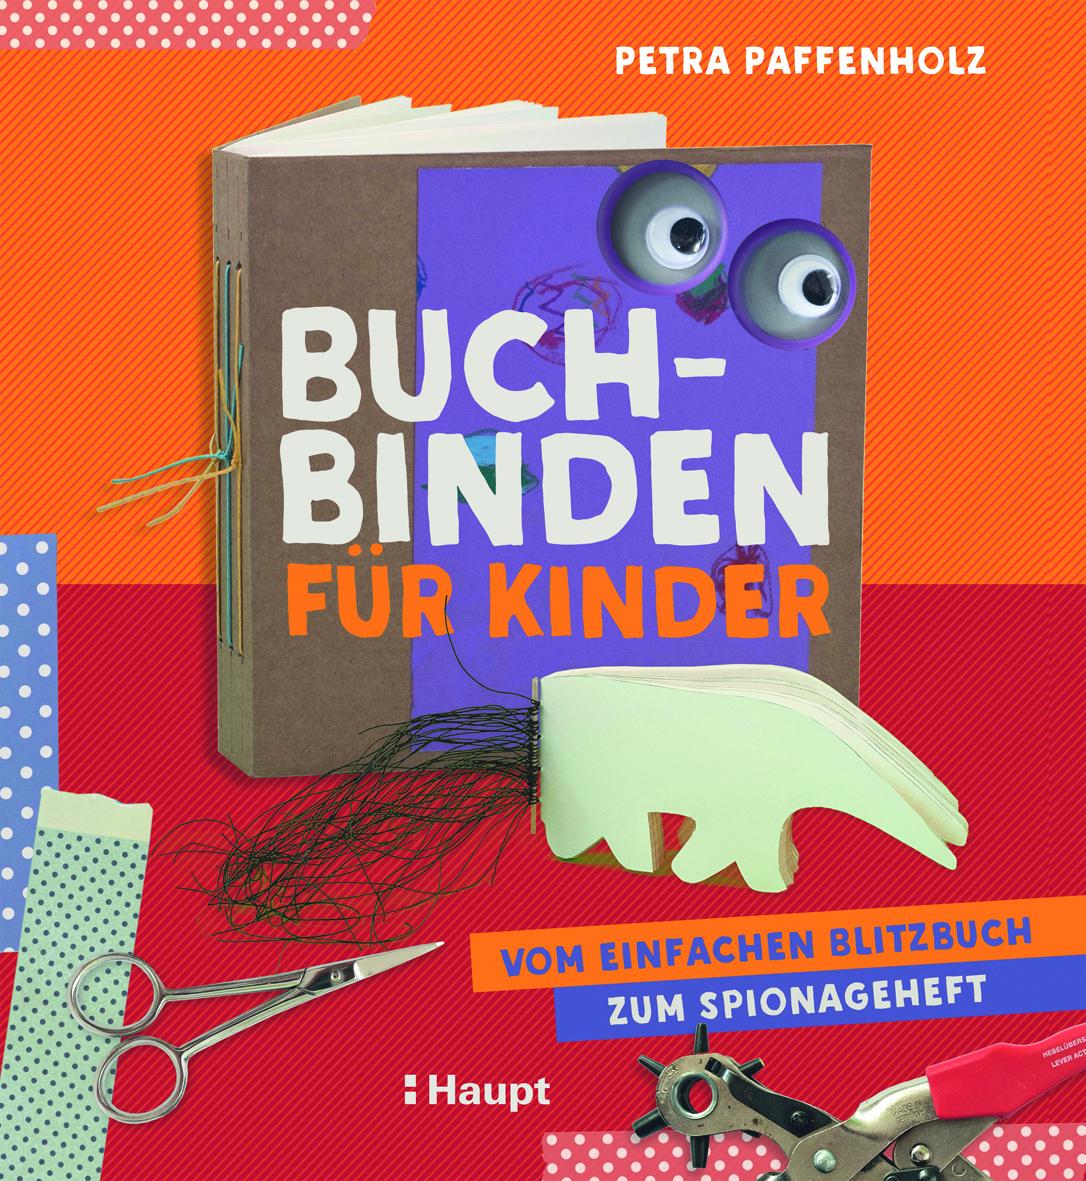 Preview image for LOM object Buchbinden mit Kindern - Vom einfachen Blitzbuch zum Spionageheft